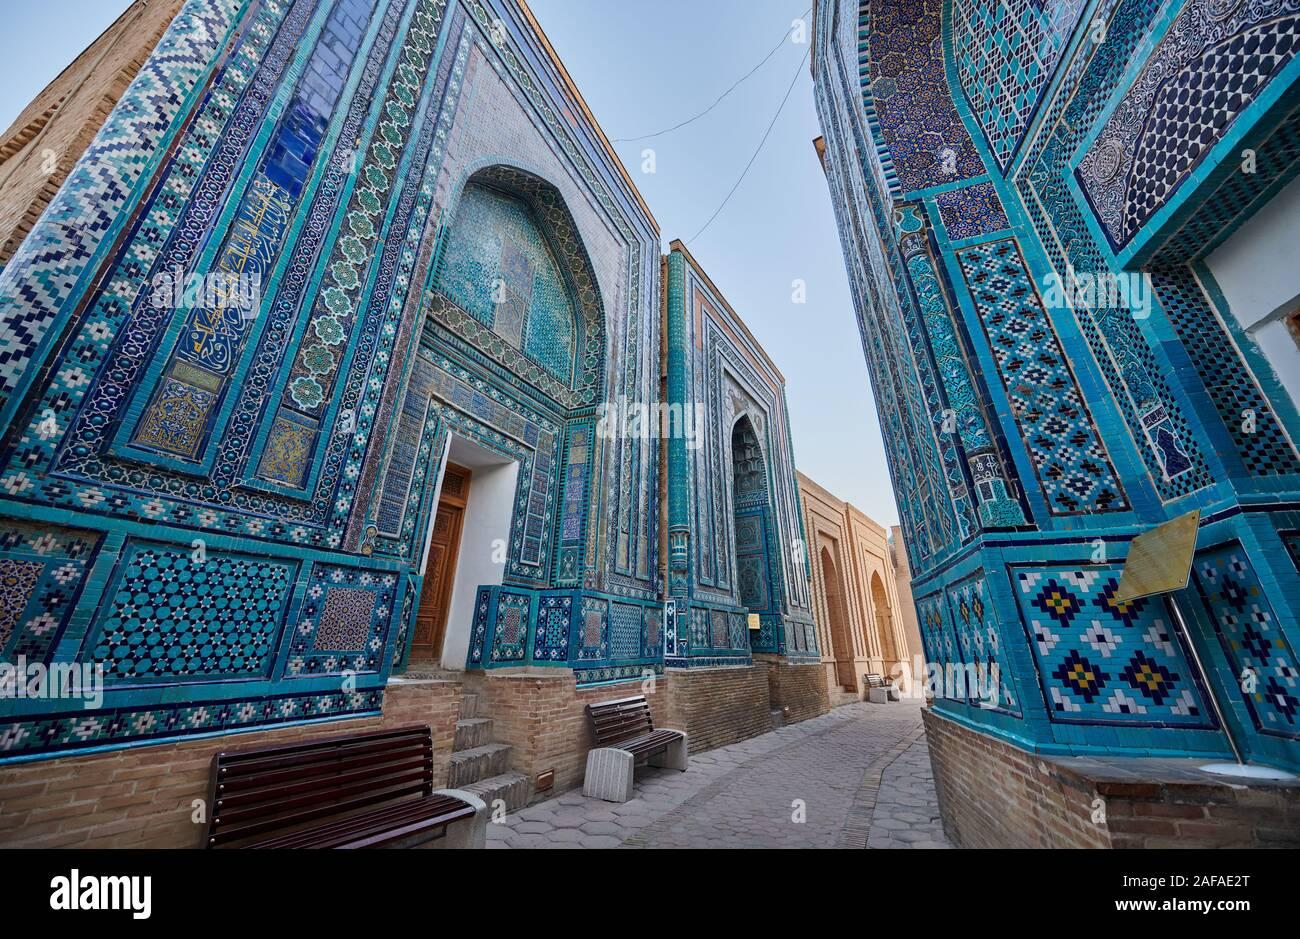 Sentier étroit à travers fortement façades décorées de carreaux bleus dans la nécropole Shah-i-Zinda, Samarqand, l'Ouzbékistan, en Asie centrale Banque D'Images